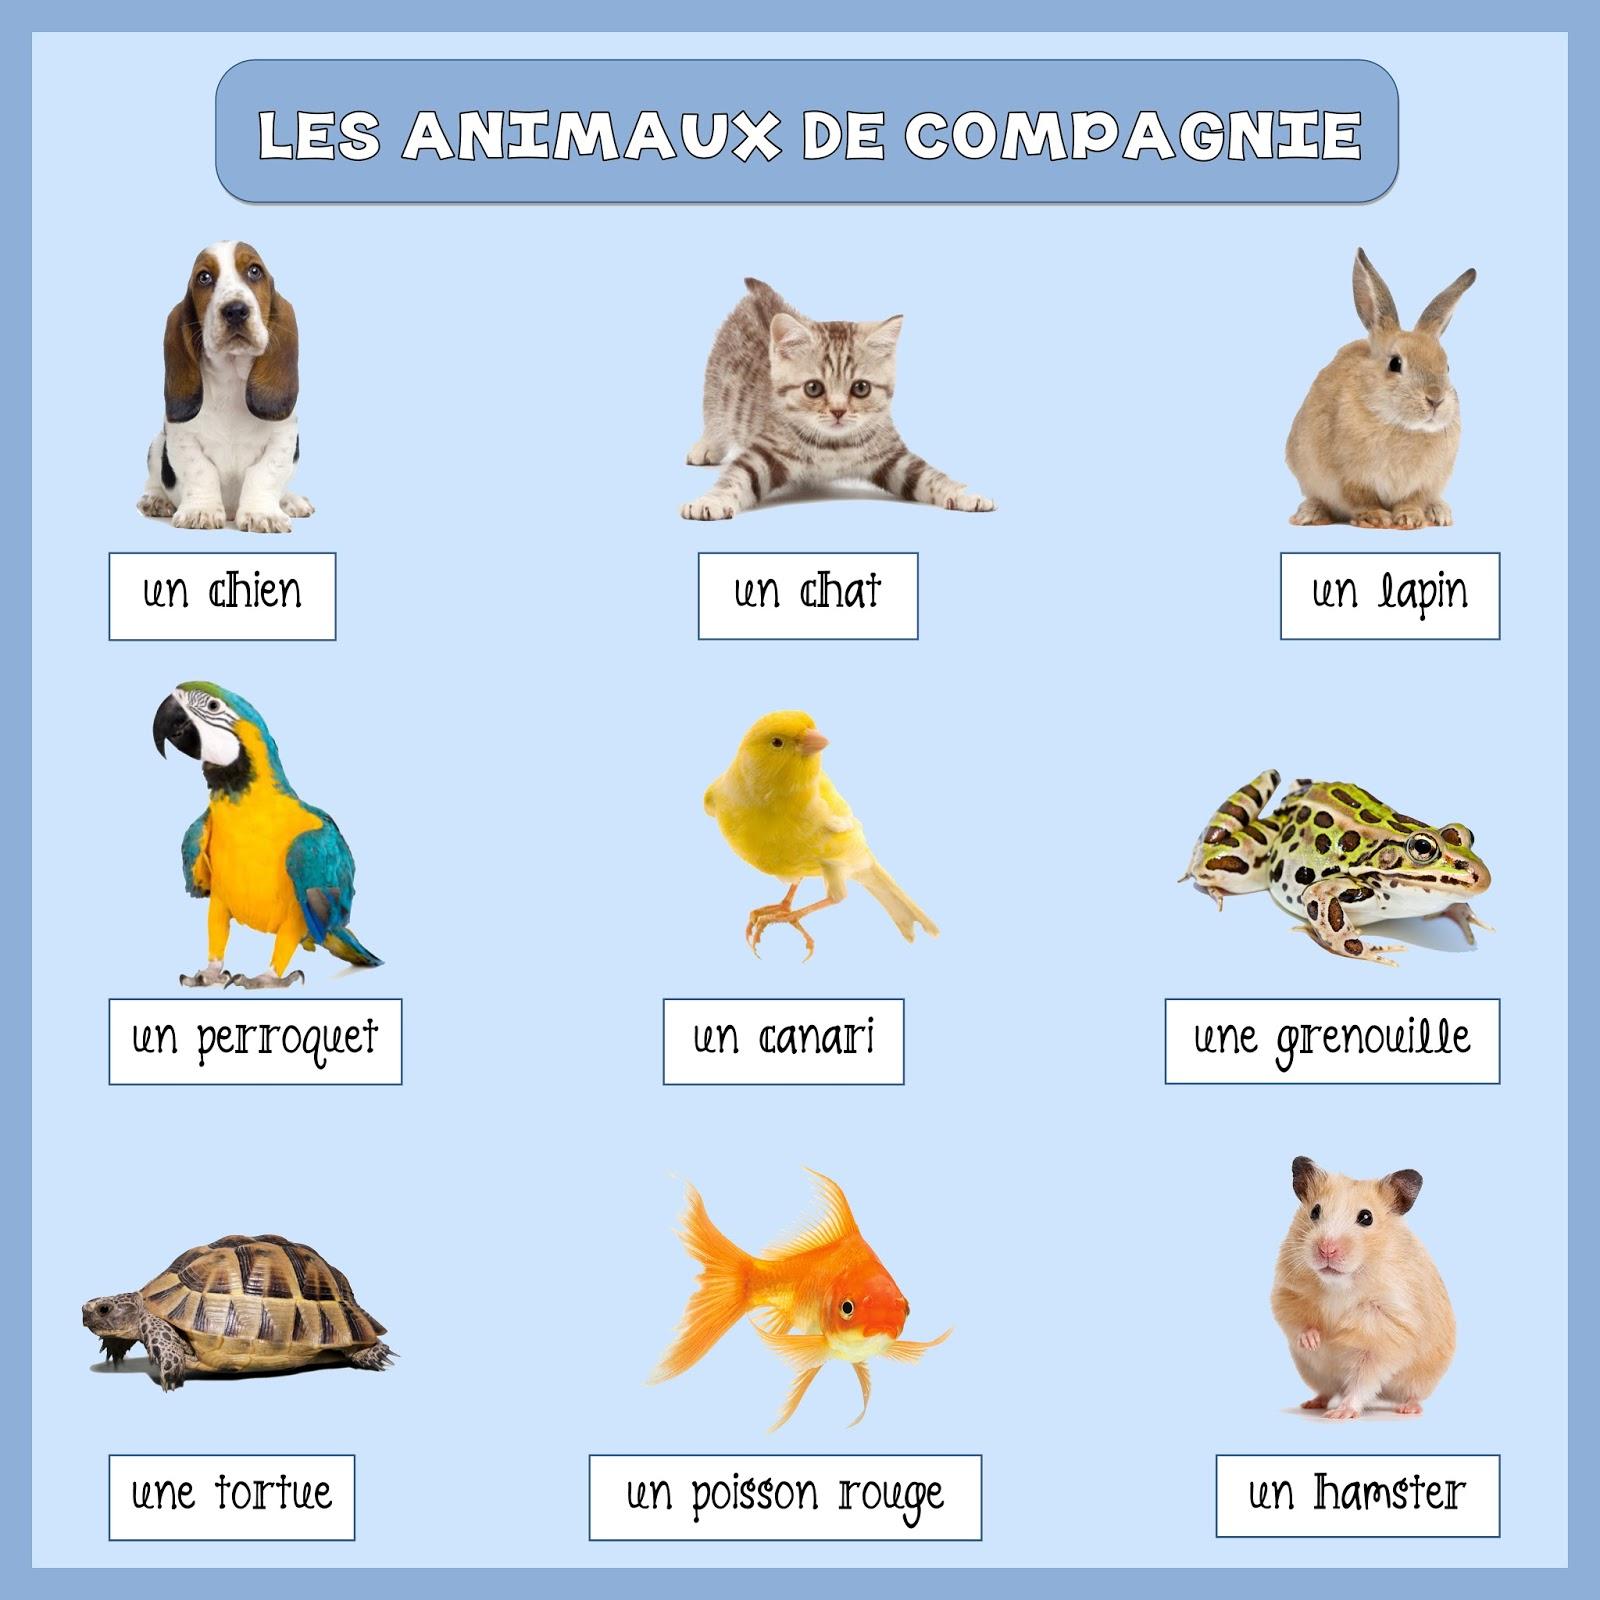 Zwierzęta - zwierzęta domowe 1 - Francuski przy kawie